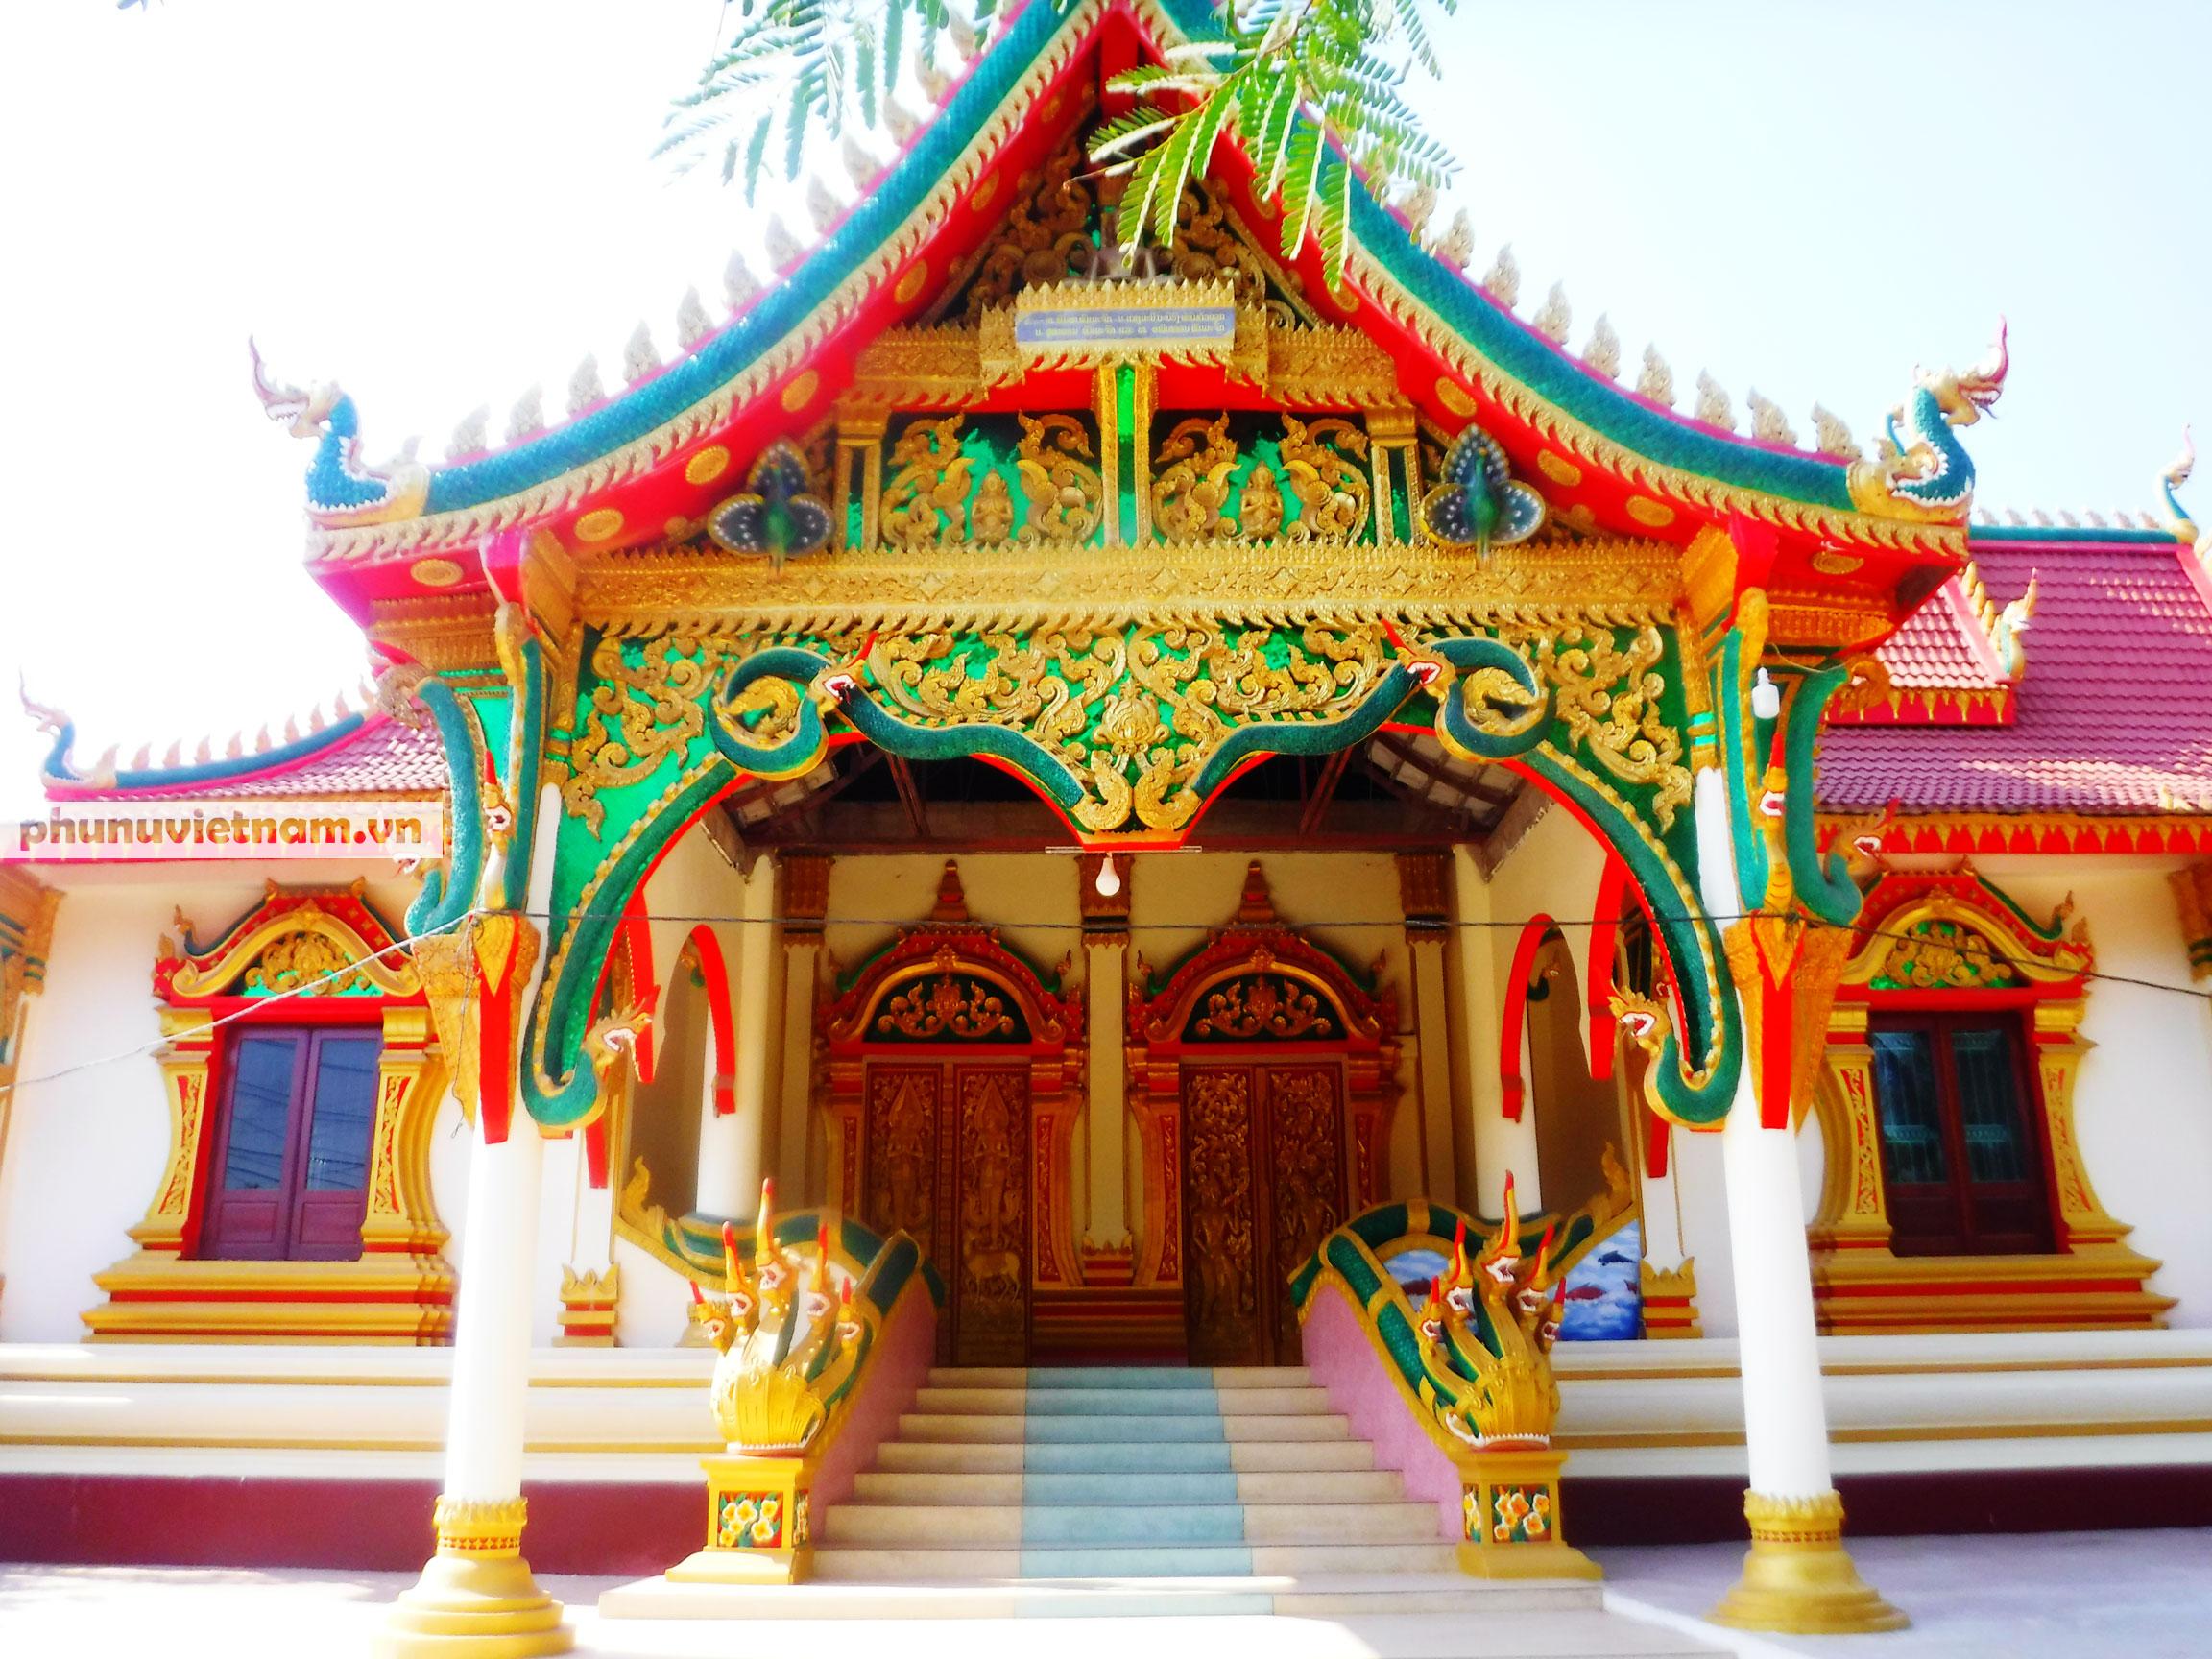 Độc đáo những bức tượng rắn trong các ngôi chùa ở Thủ đô Viêng Chăn - Ảnh 1.